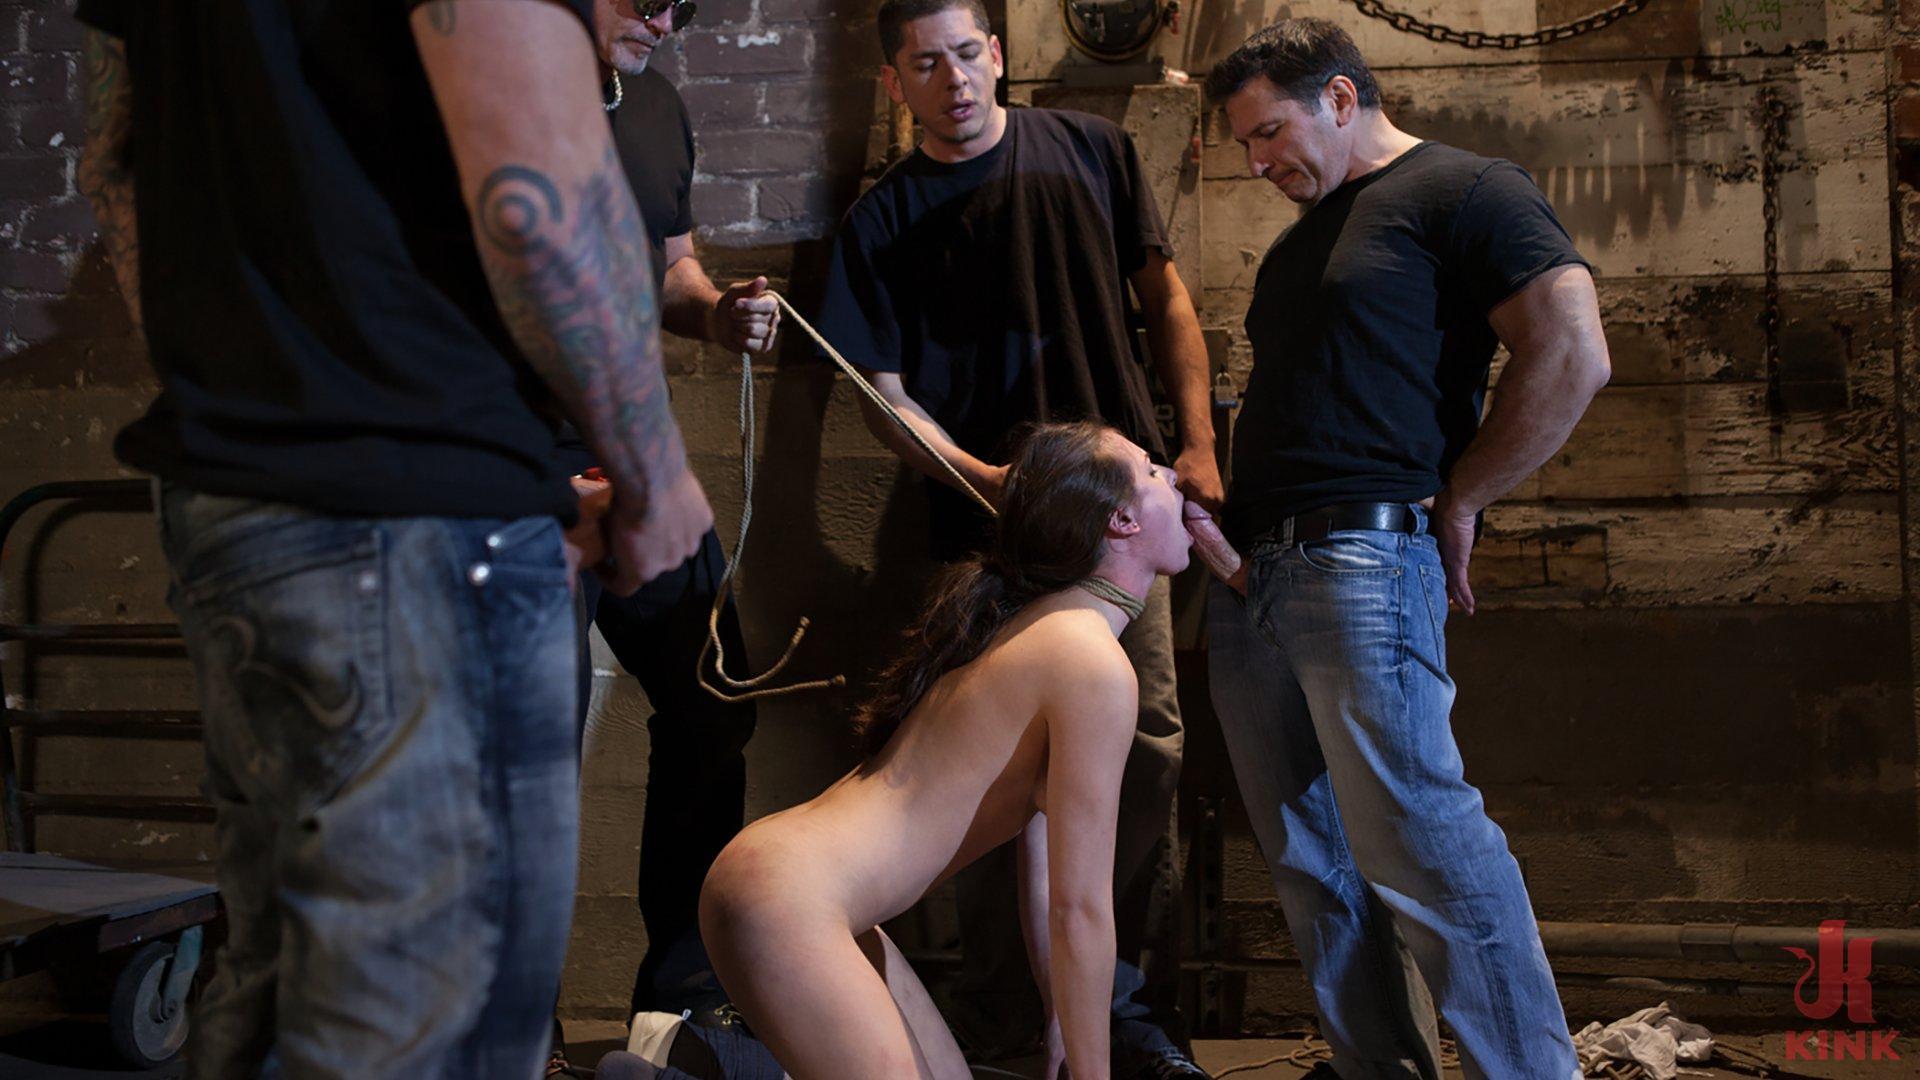 Screenshot #1 from Casey Calvert Lives out her Gangbang Fantasy! First Gangbang,First Dp! movie